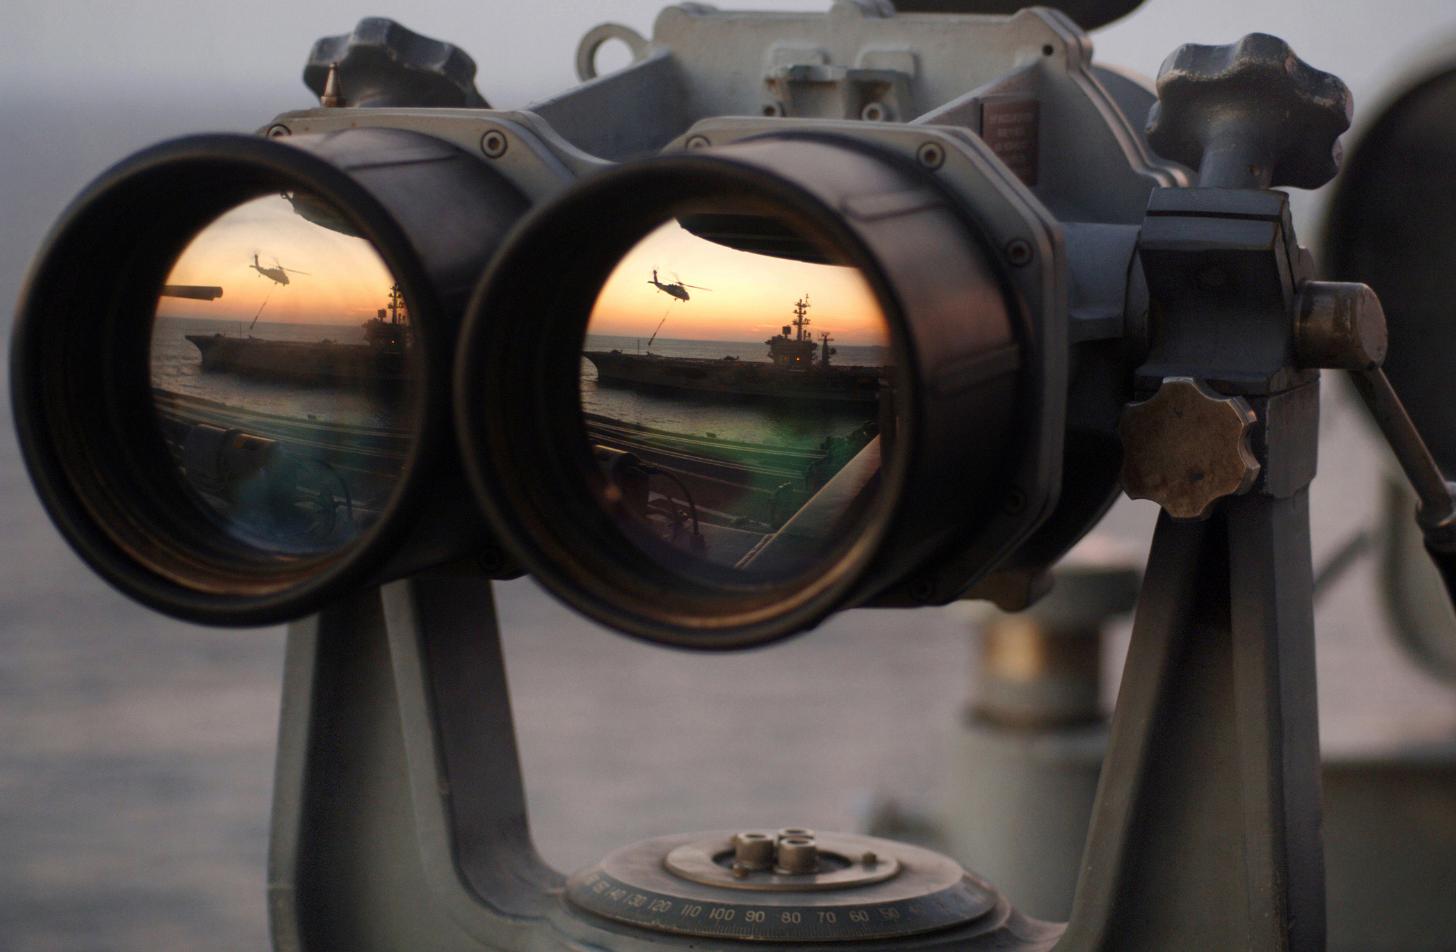 Бизнес-идея установки стационарных телескопов